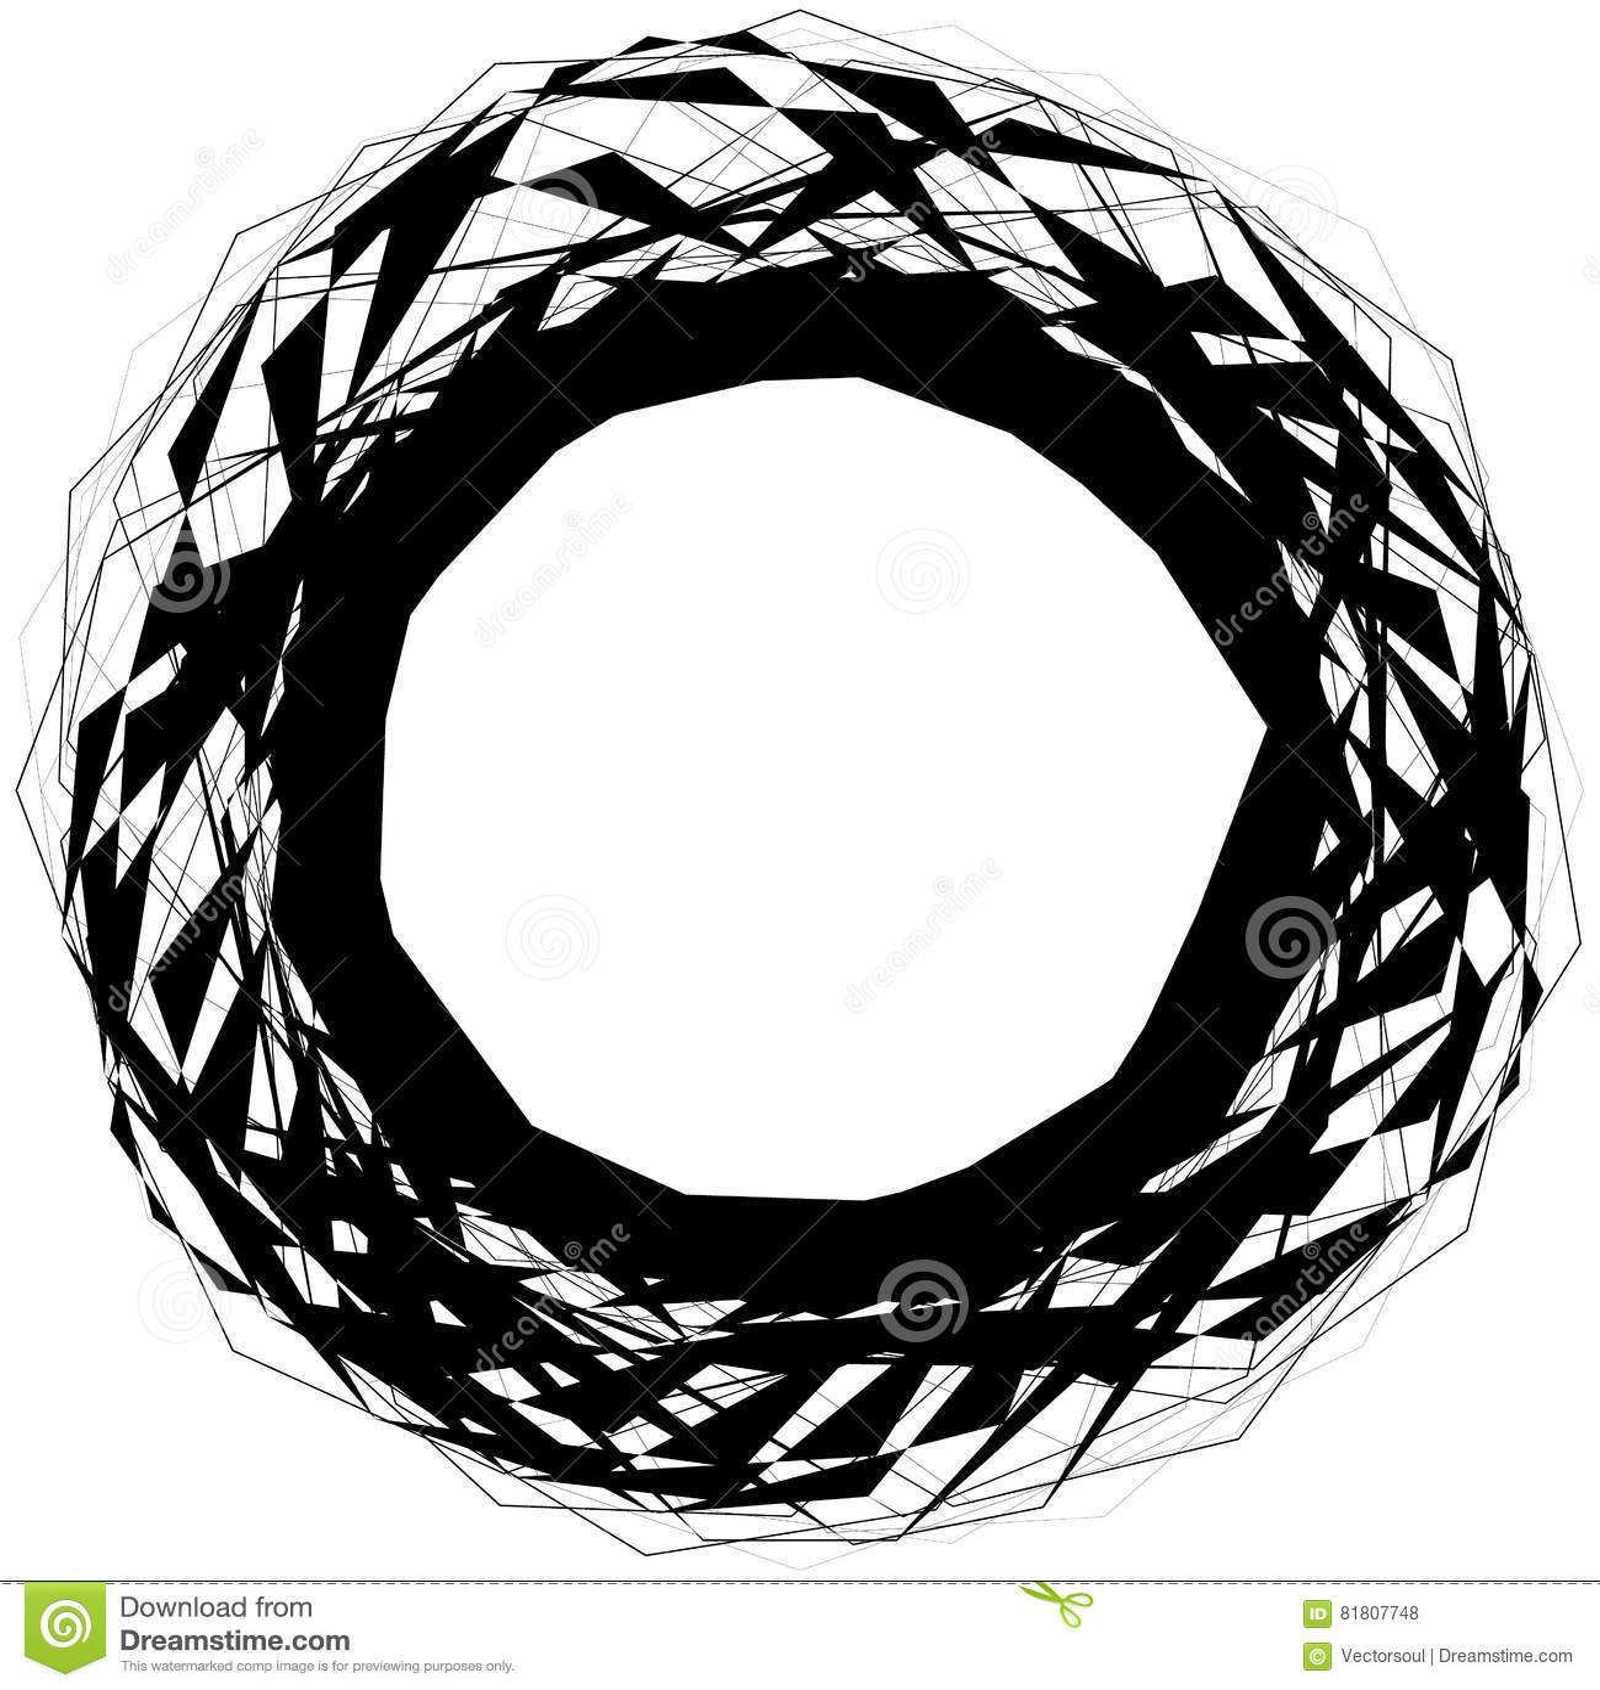 Αφηρημένη νεβρική κυκλική μορφή, στοιχείο που απομονώνεται στο λευκό τυχαίος